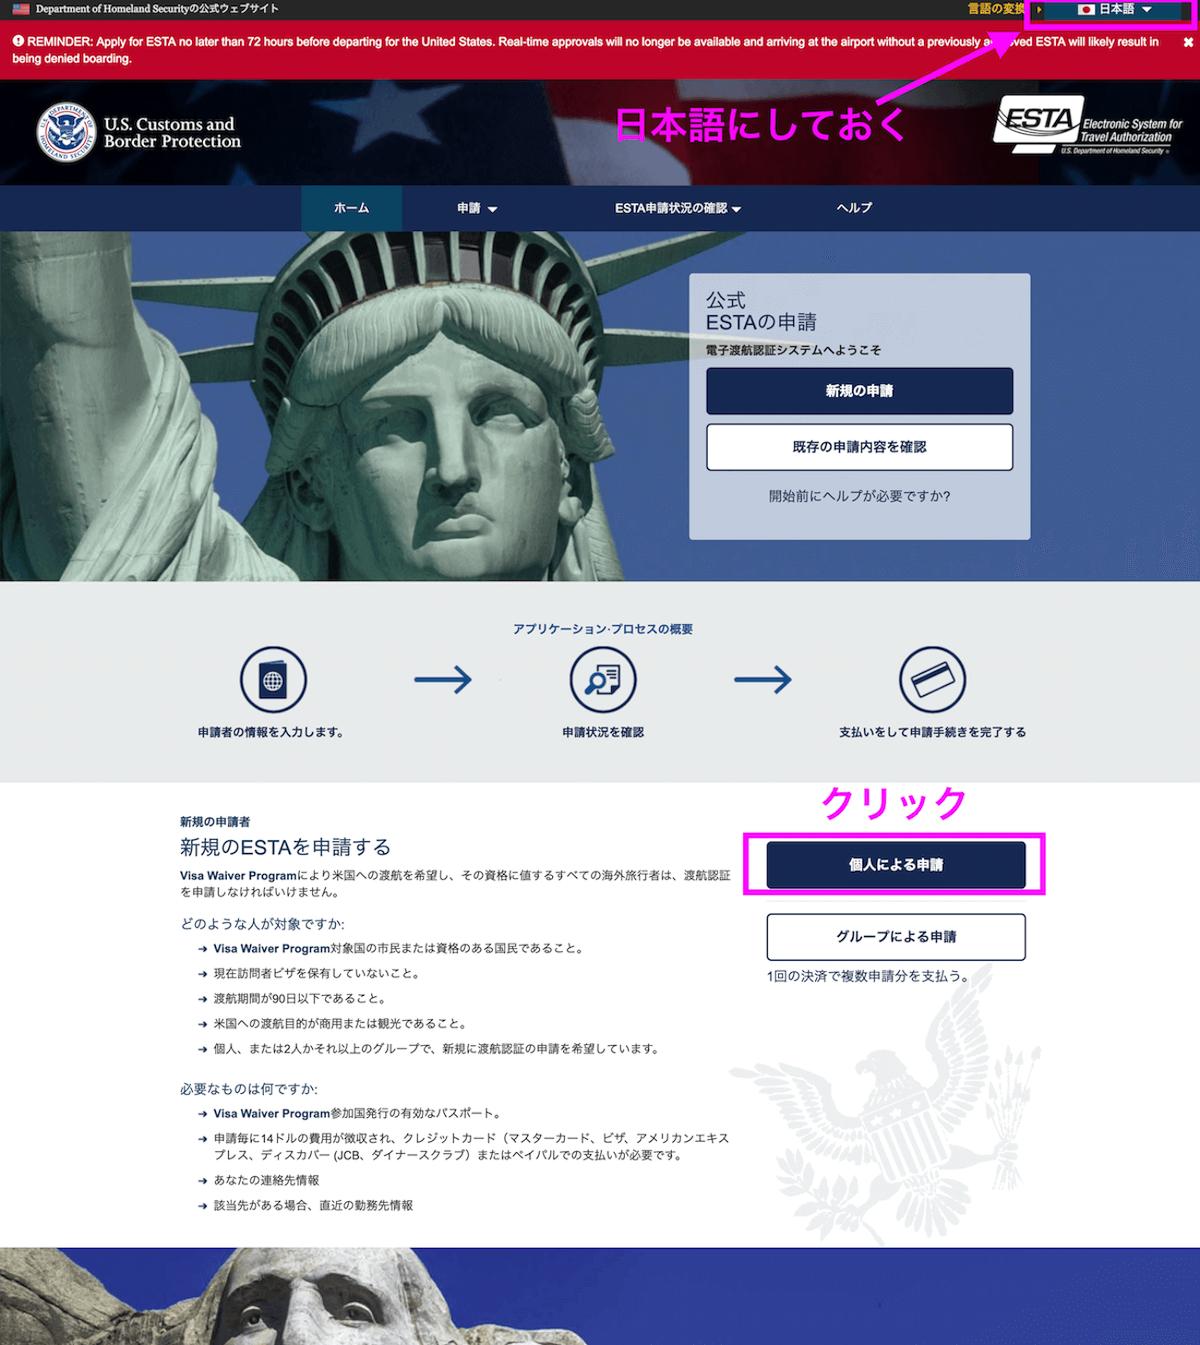 アメリカ入国のESTA(エスタ)申請方法(公式サイト)